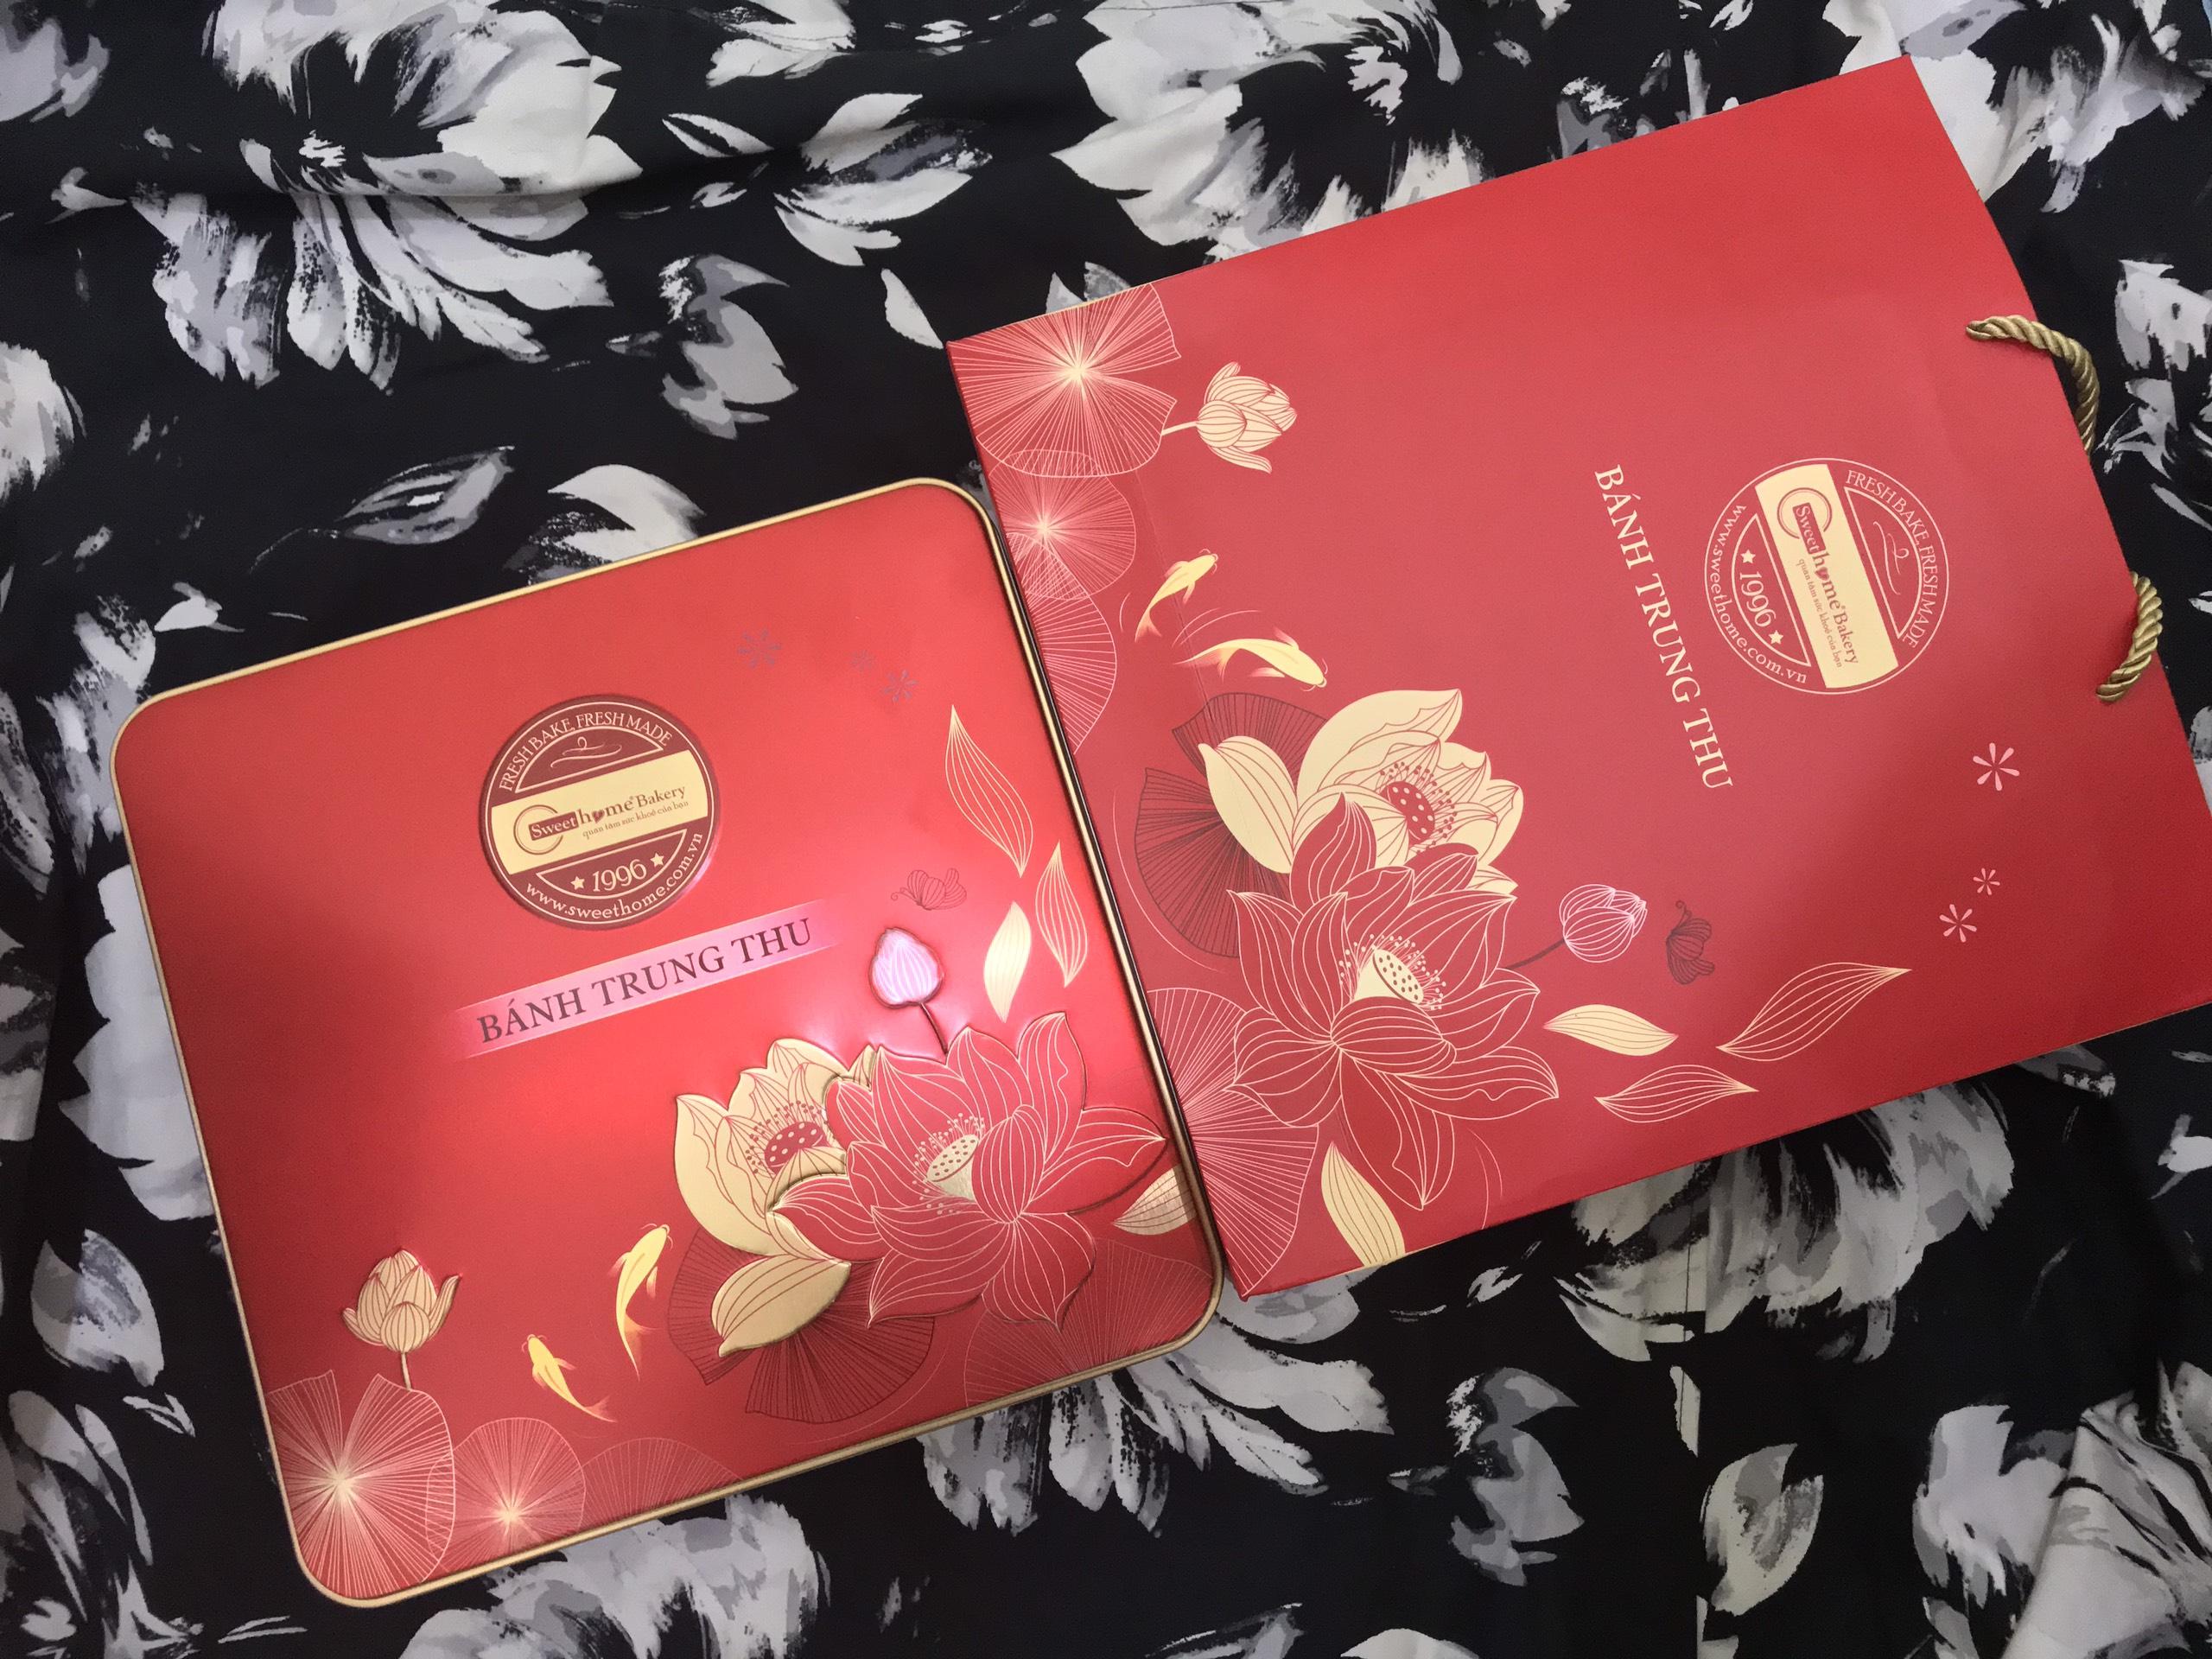 Bộ đôi hộp và túi giấy đựng bánh trung tăng thêm sự hoàn hảo cho món quà